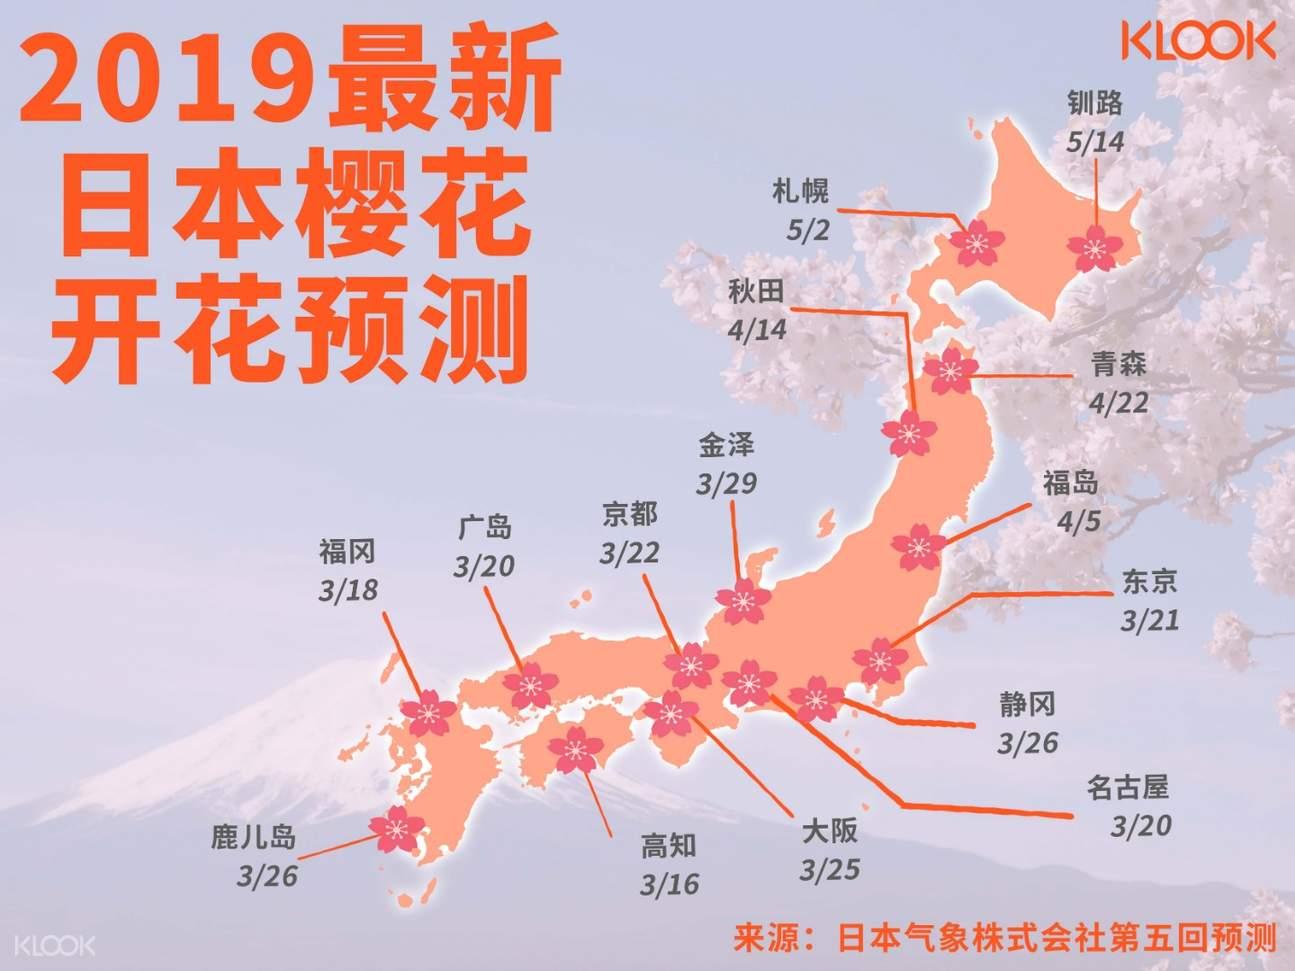 7日券 JR山阴&山阳&北九州地区铁路周游券